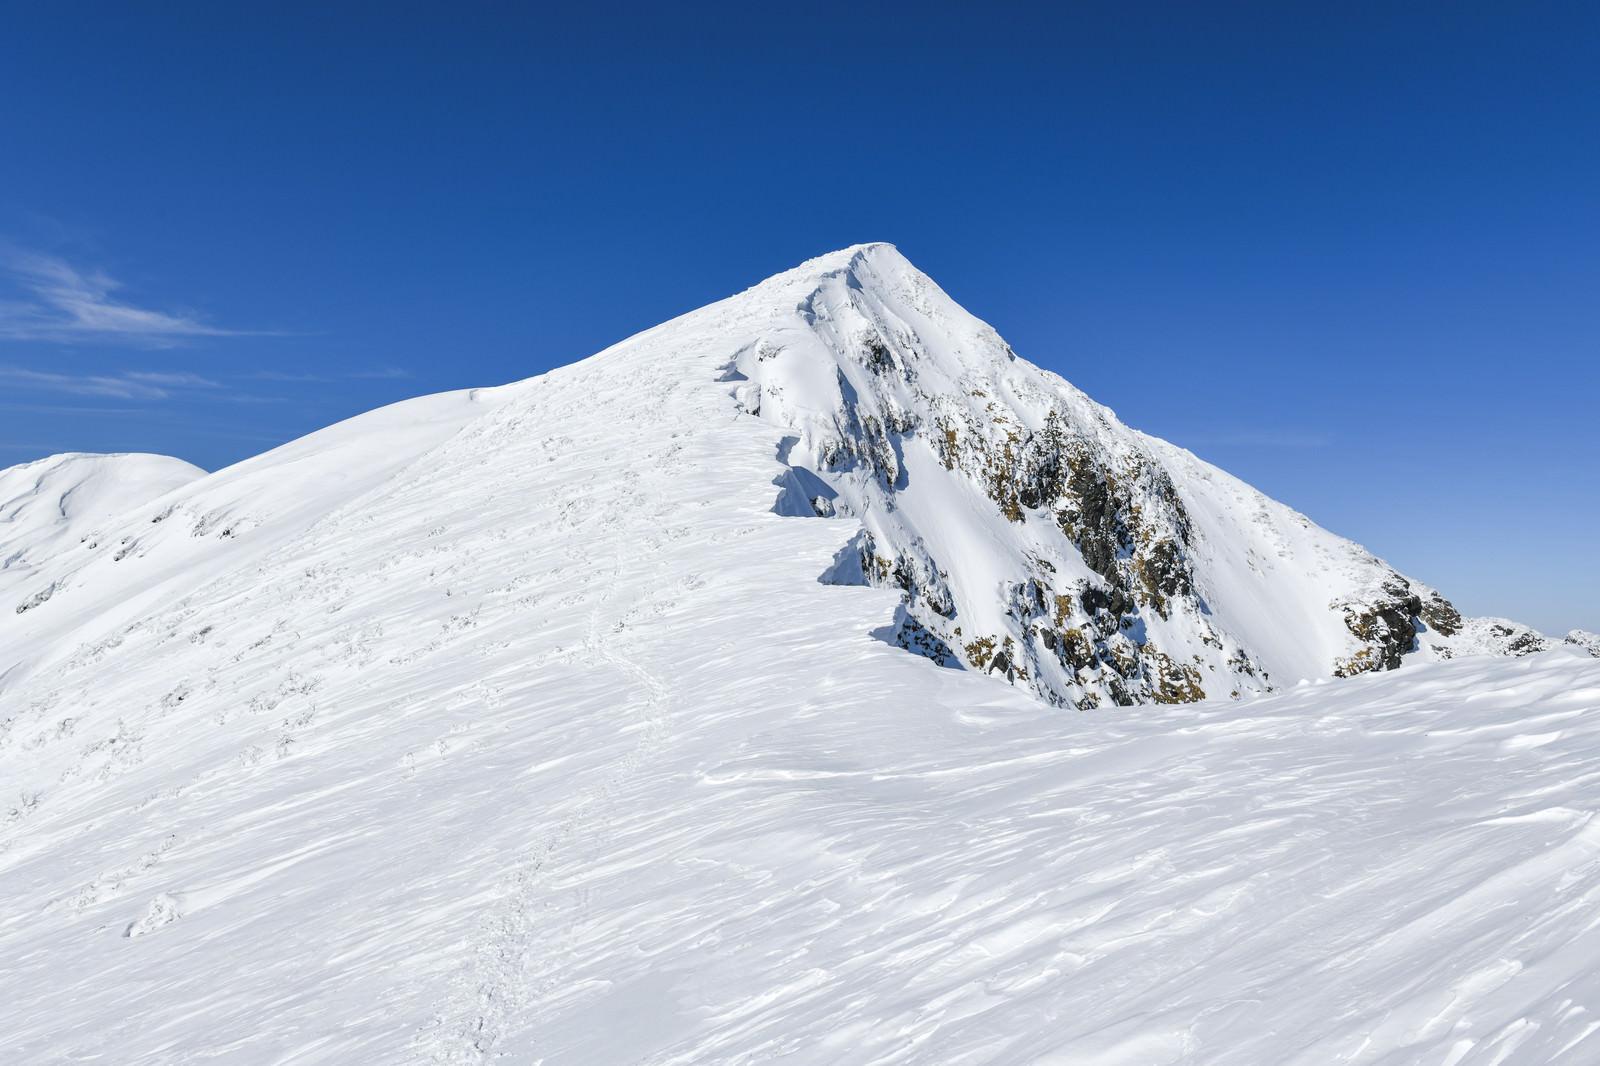 「急斜面が続く一ノ倉岳(いちのくらだけ)」の写真